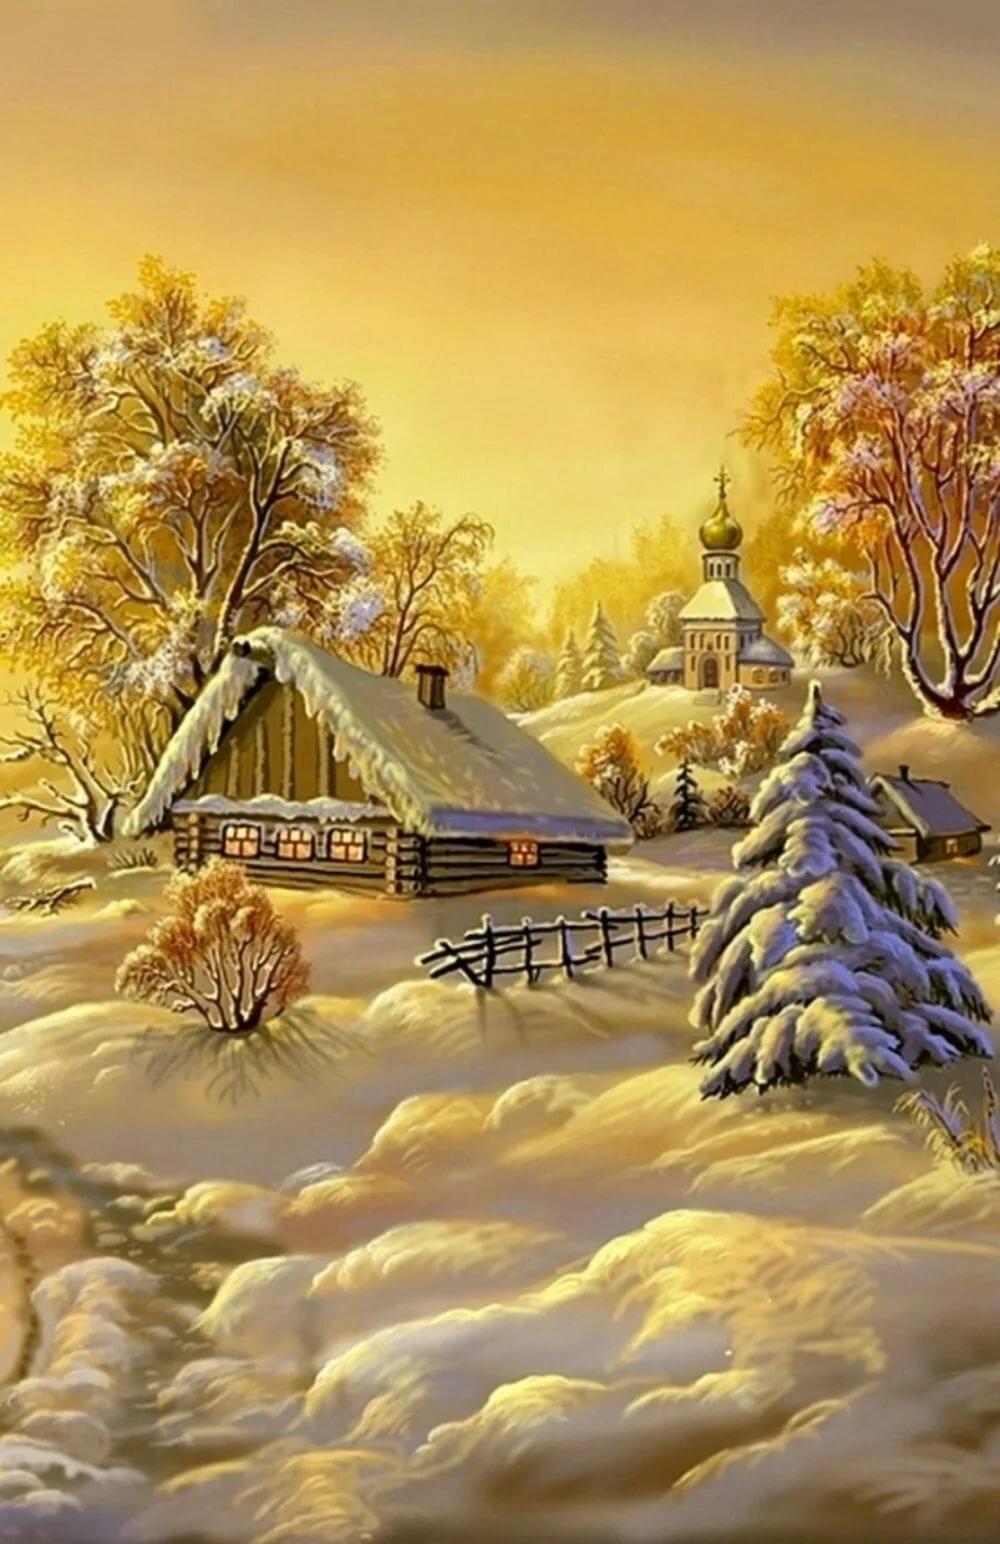 Картинки, зимние картинки анимация на телефон